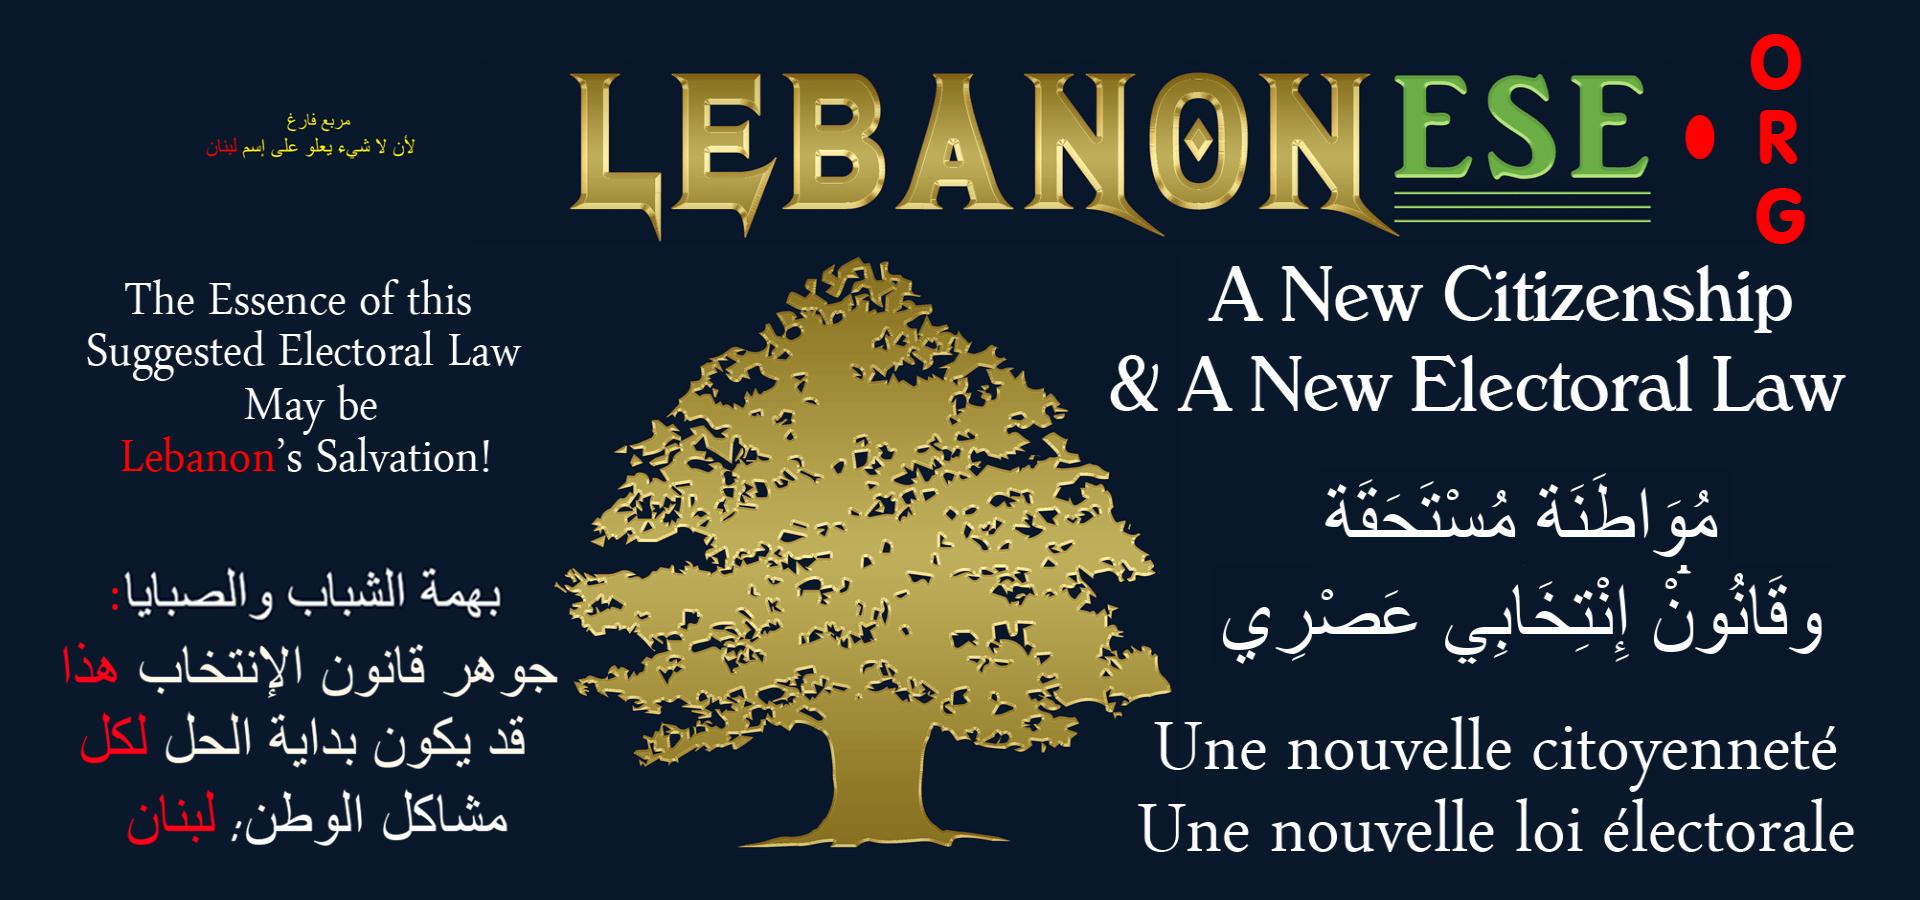 Lebanonese-1920x900-new